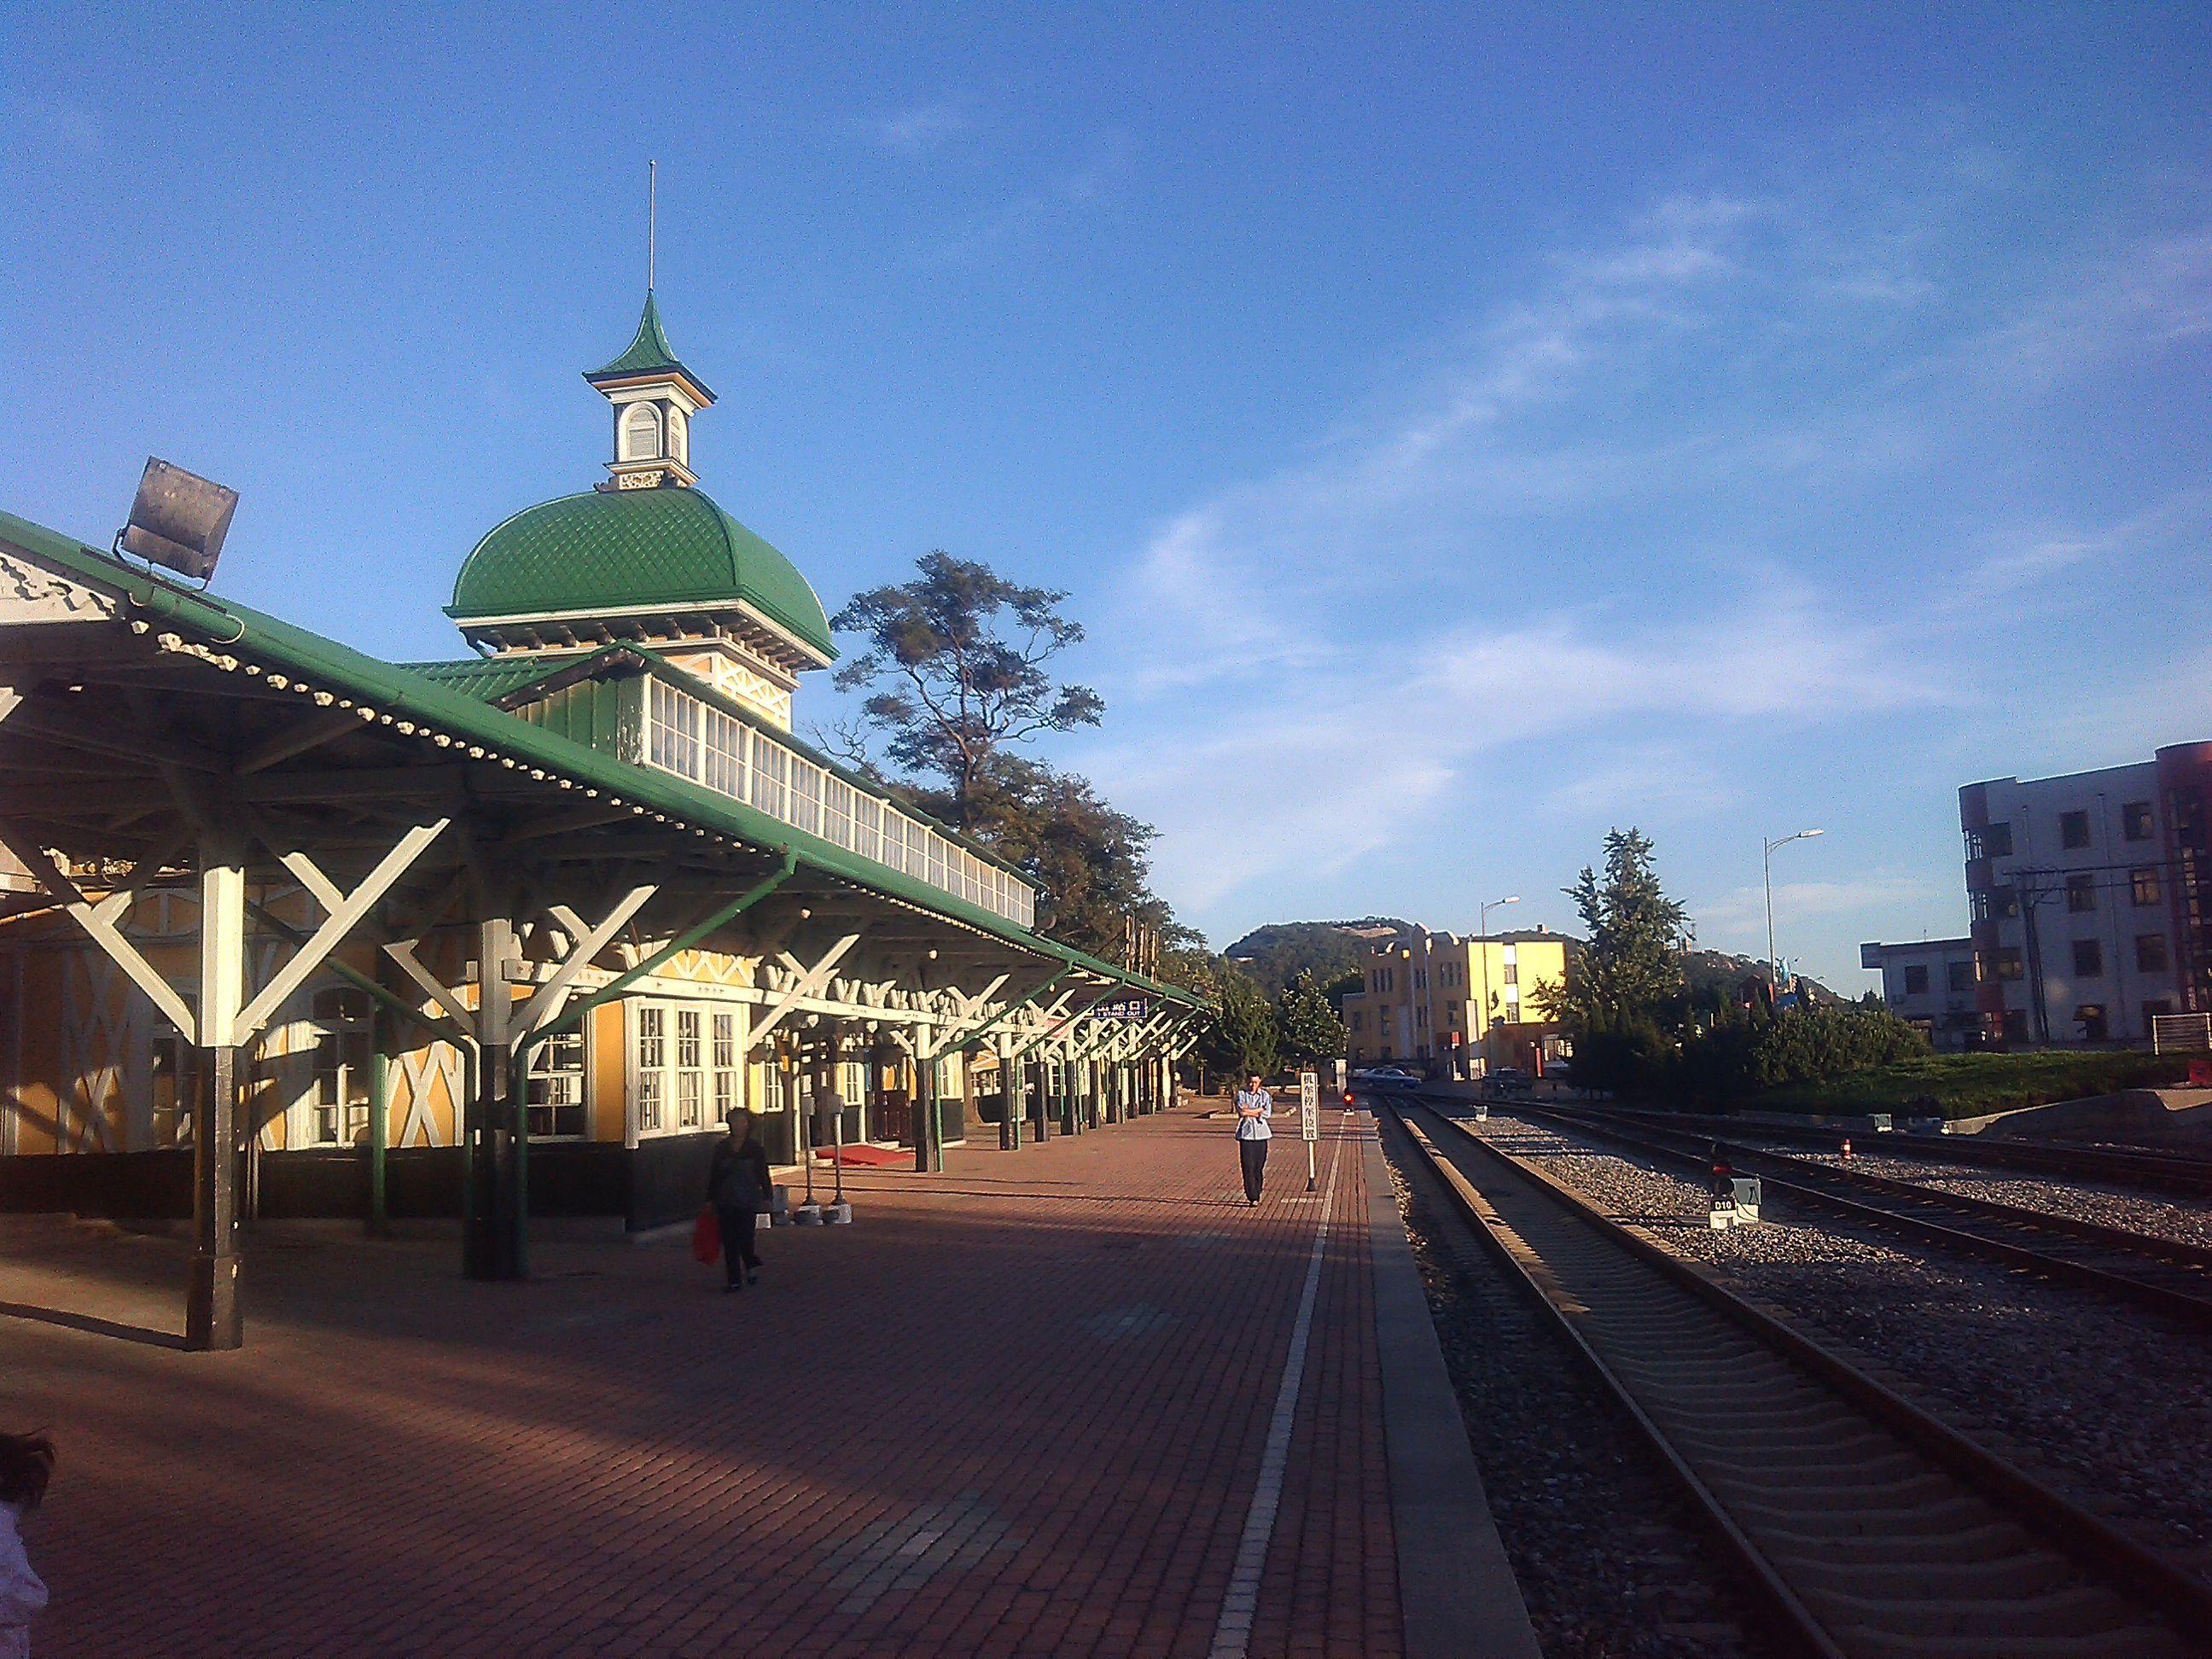 旅顺火车站站台